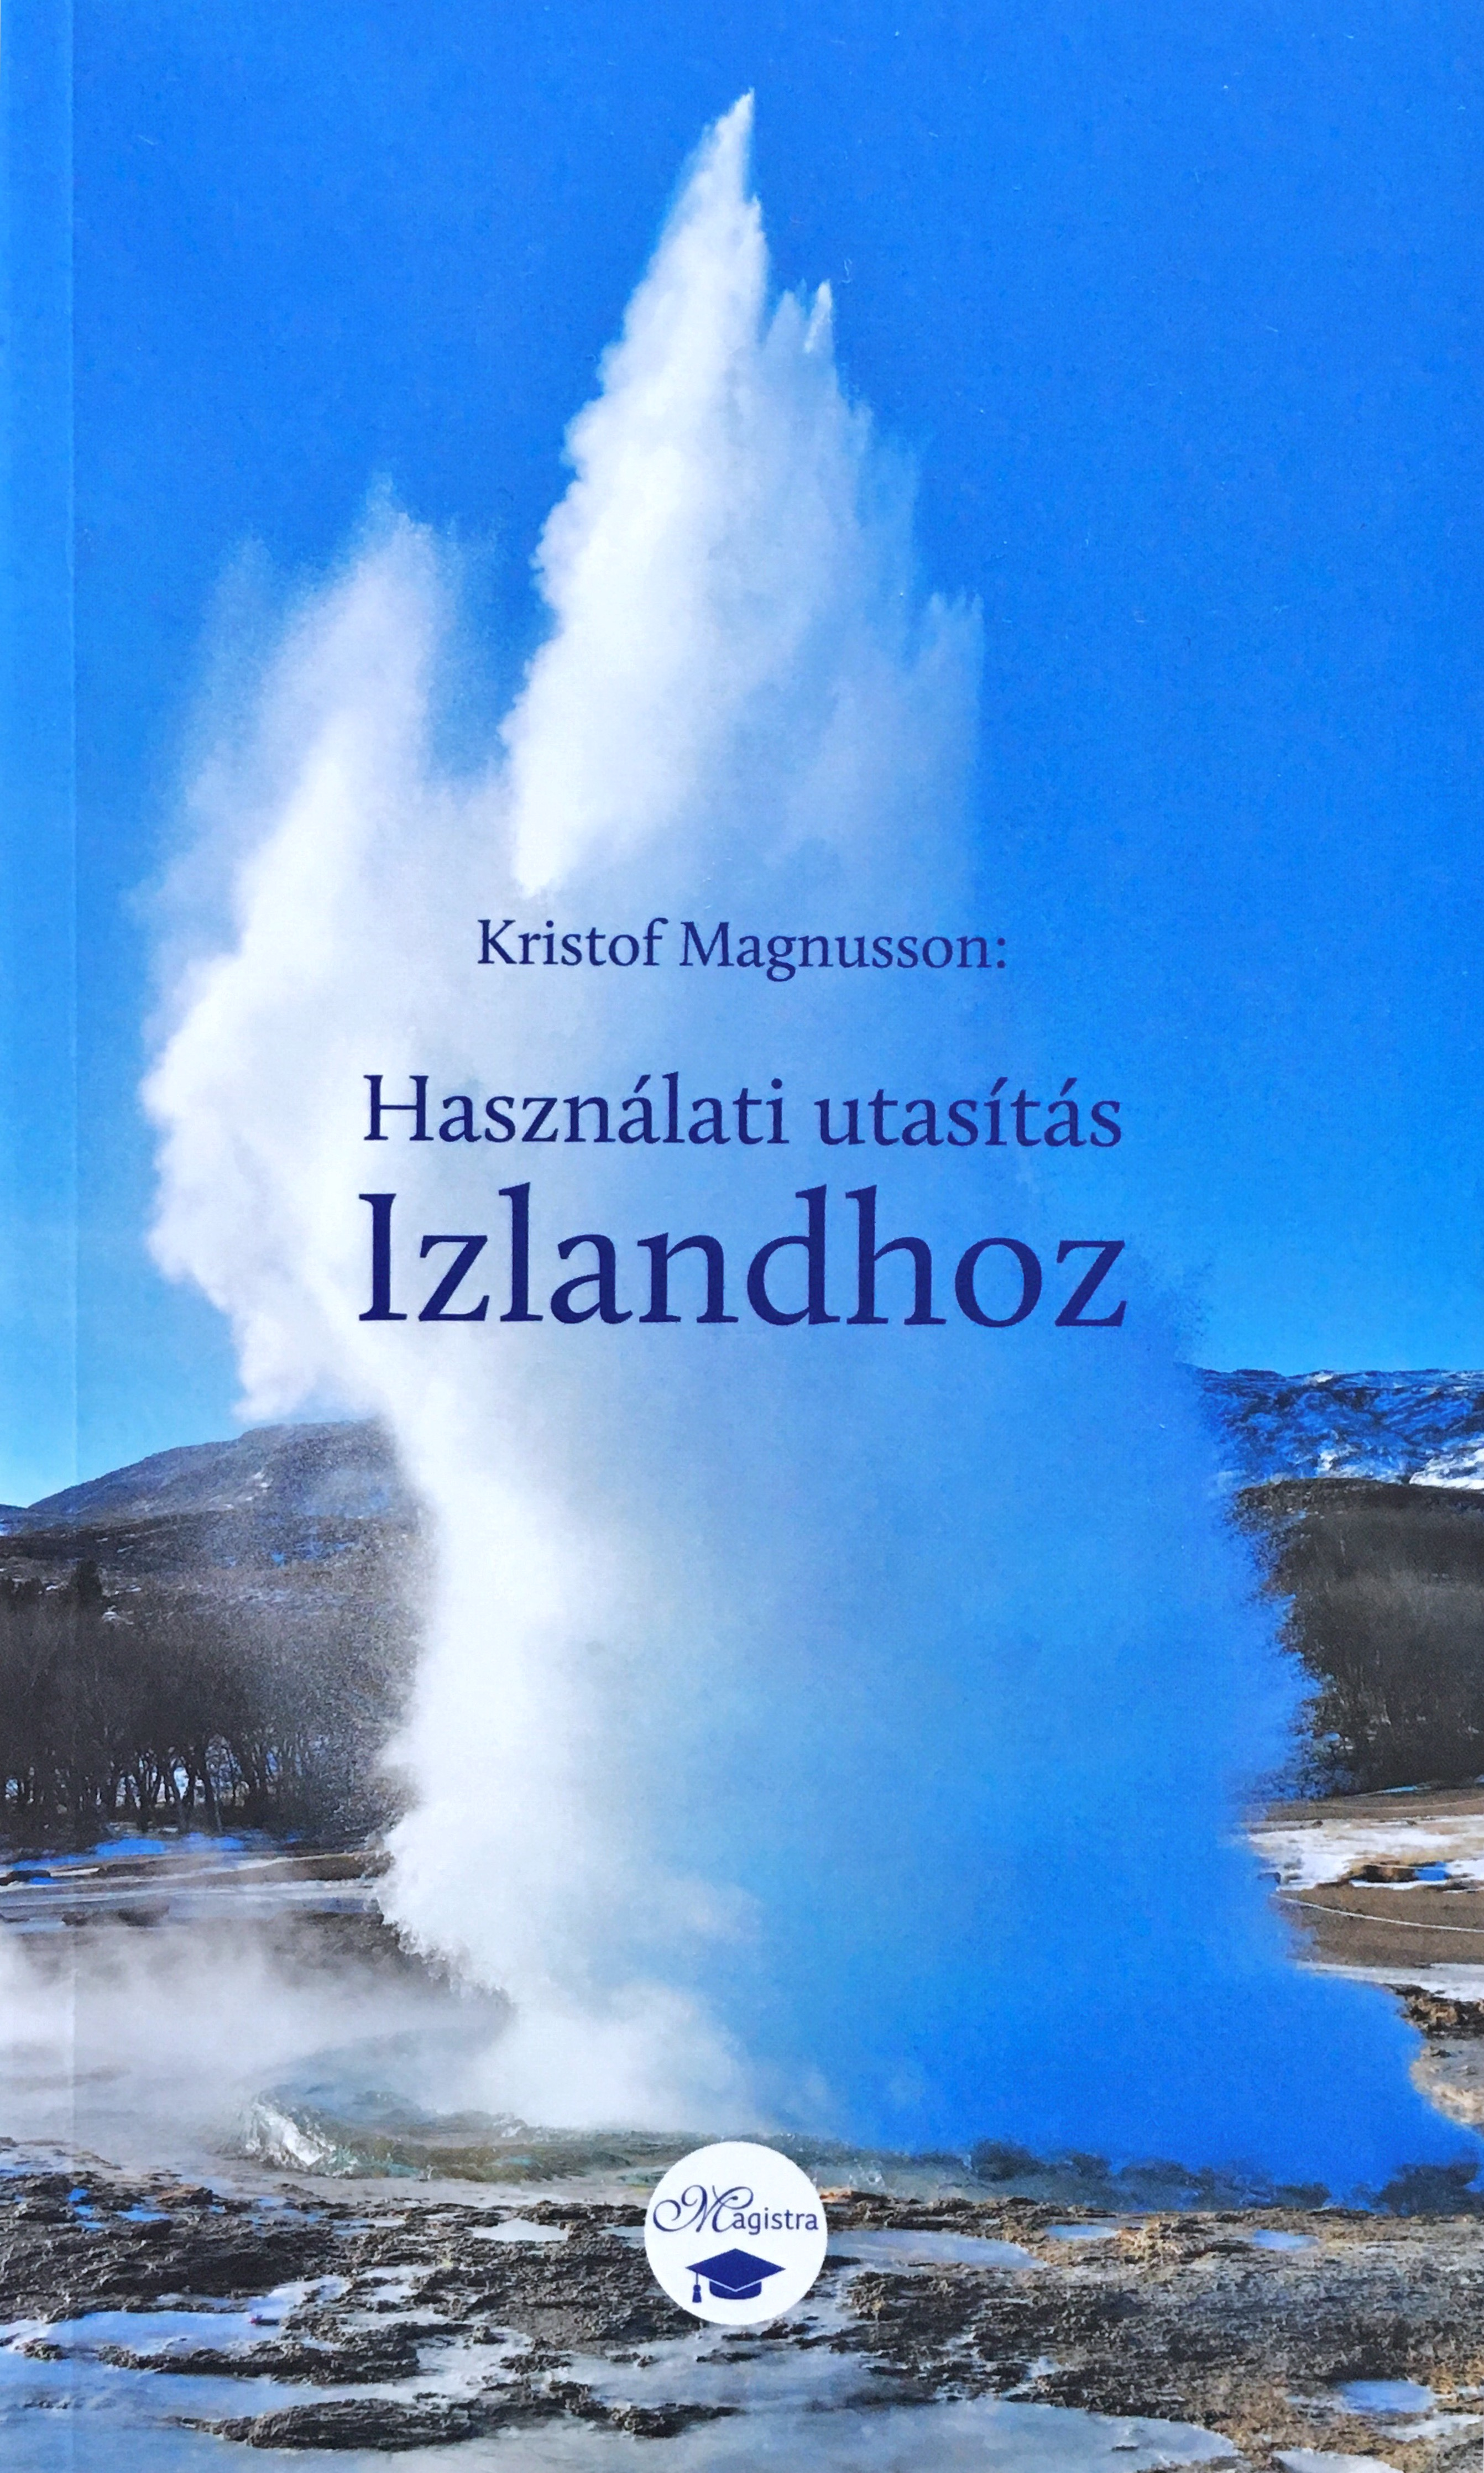 hasznalati_utasitas_izlandhoz02.jpg